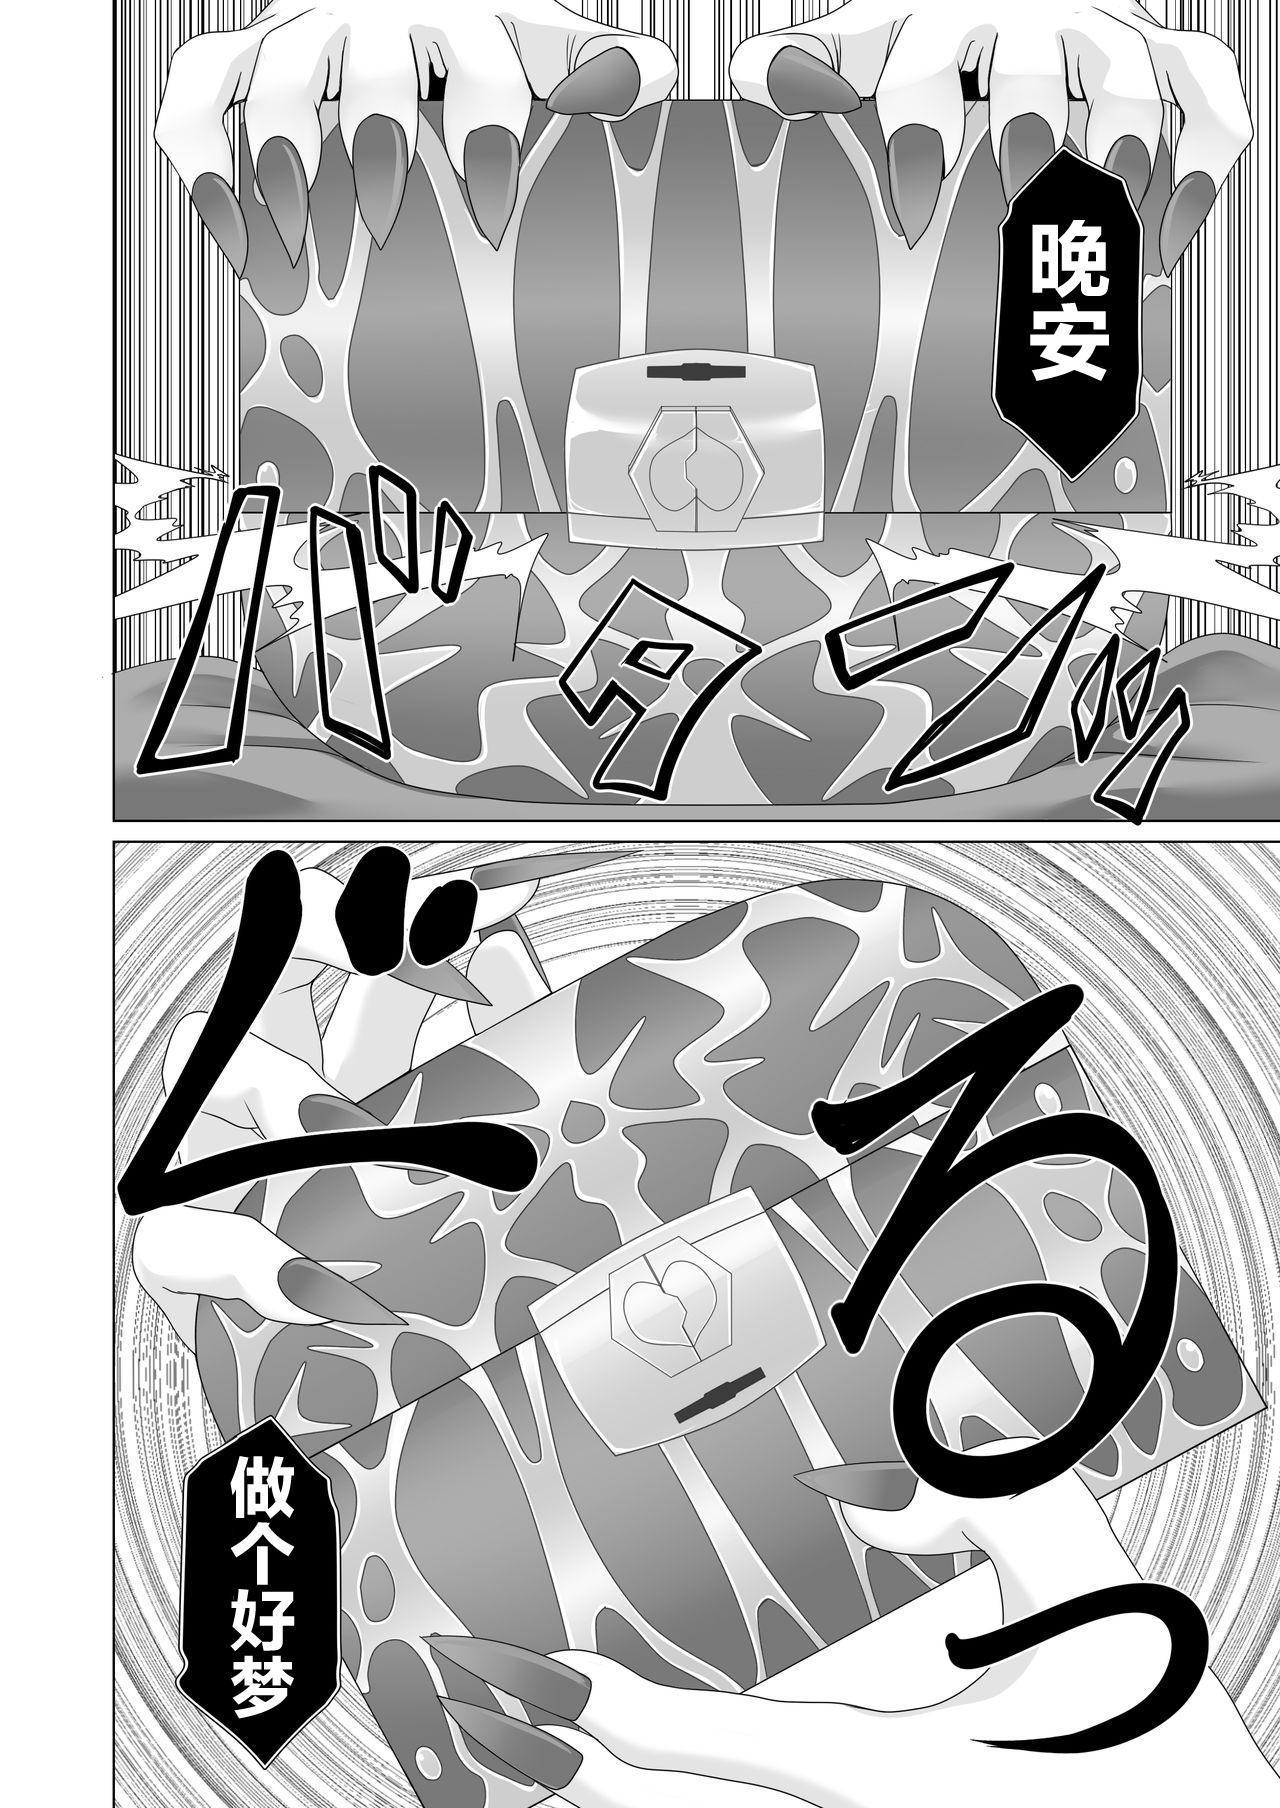 Seirei no Kago no Chikara de nan do mo Fukkatsu shite kita Yūsha wa Maō ni yotte KuriBOX ni sarete shimaimashita 16